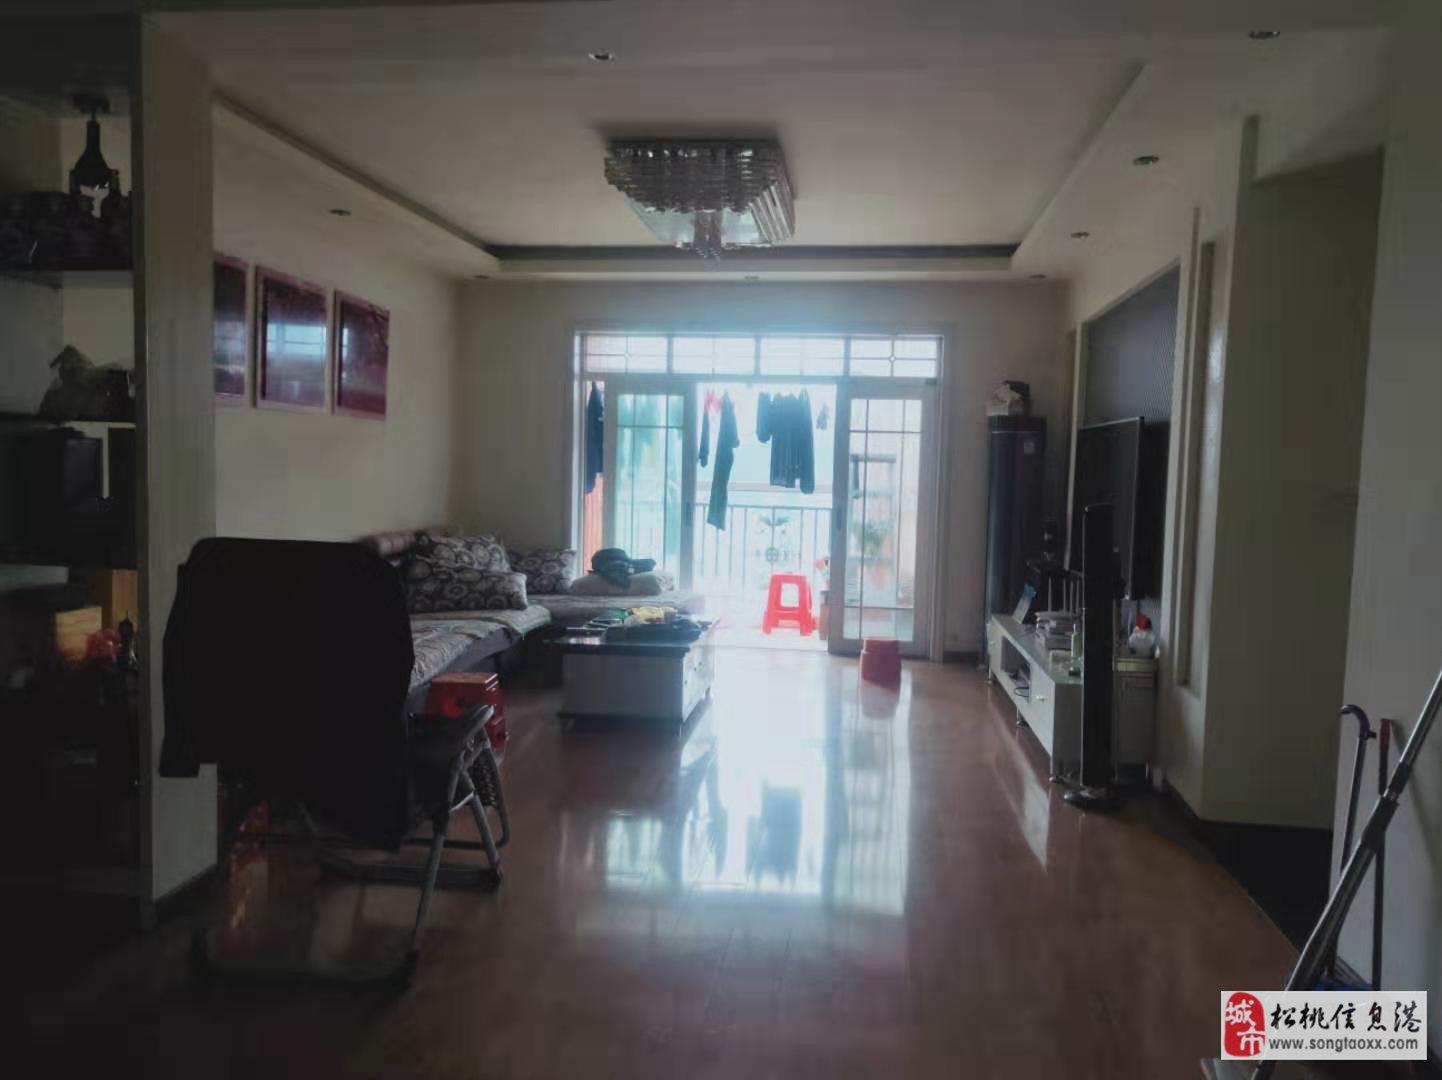 超值滨江花园电梯3室2厅2卫43.2万元送顶楼